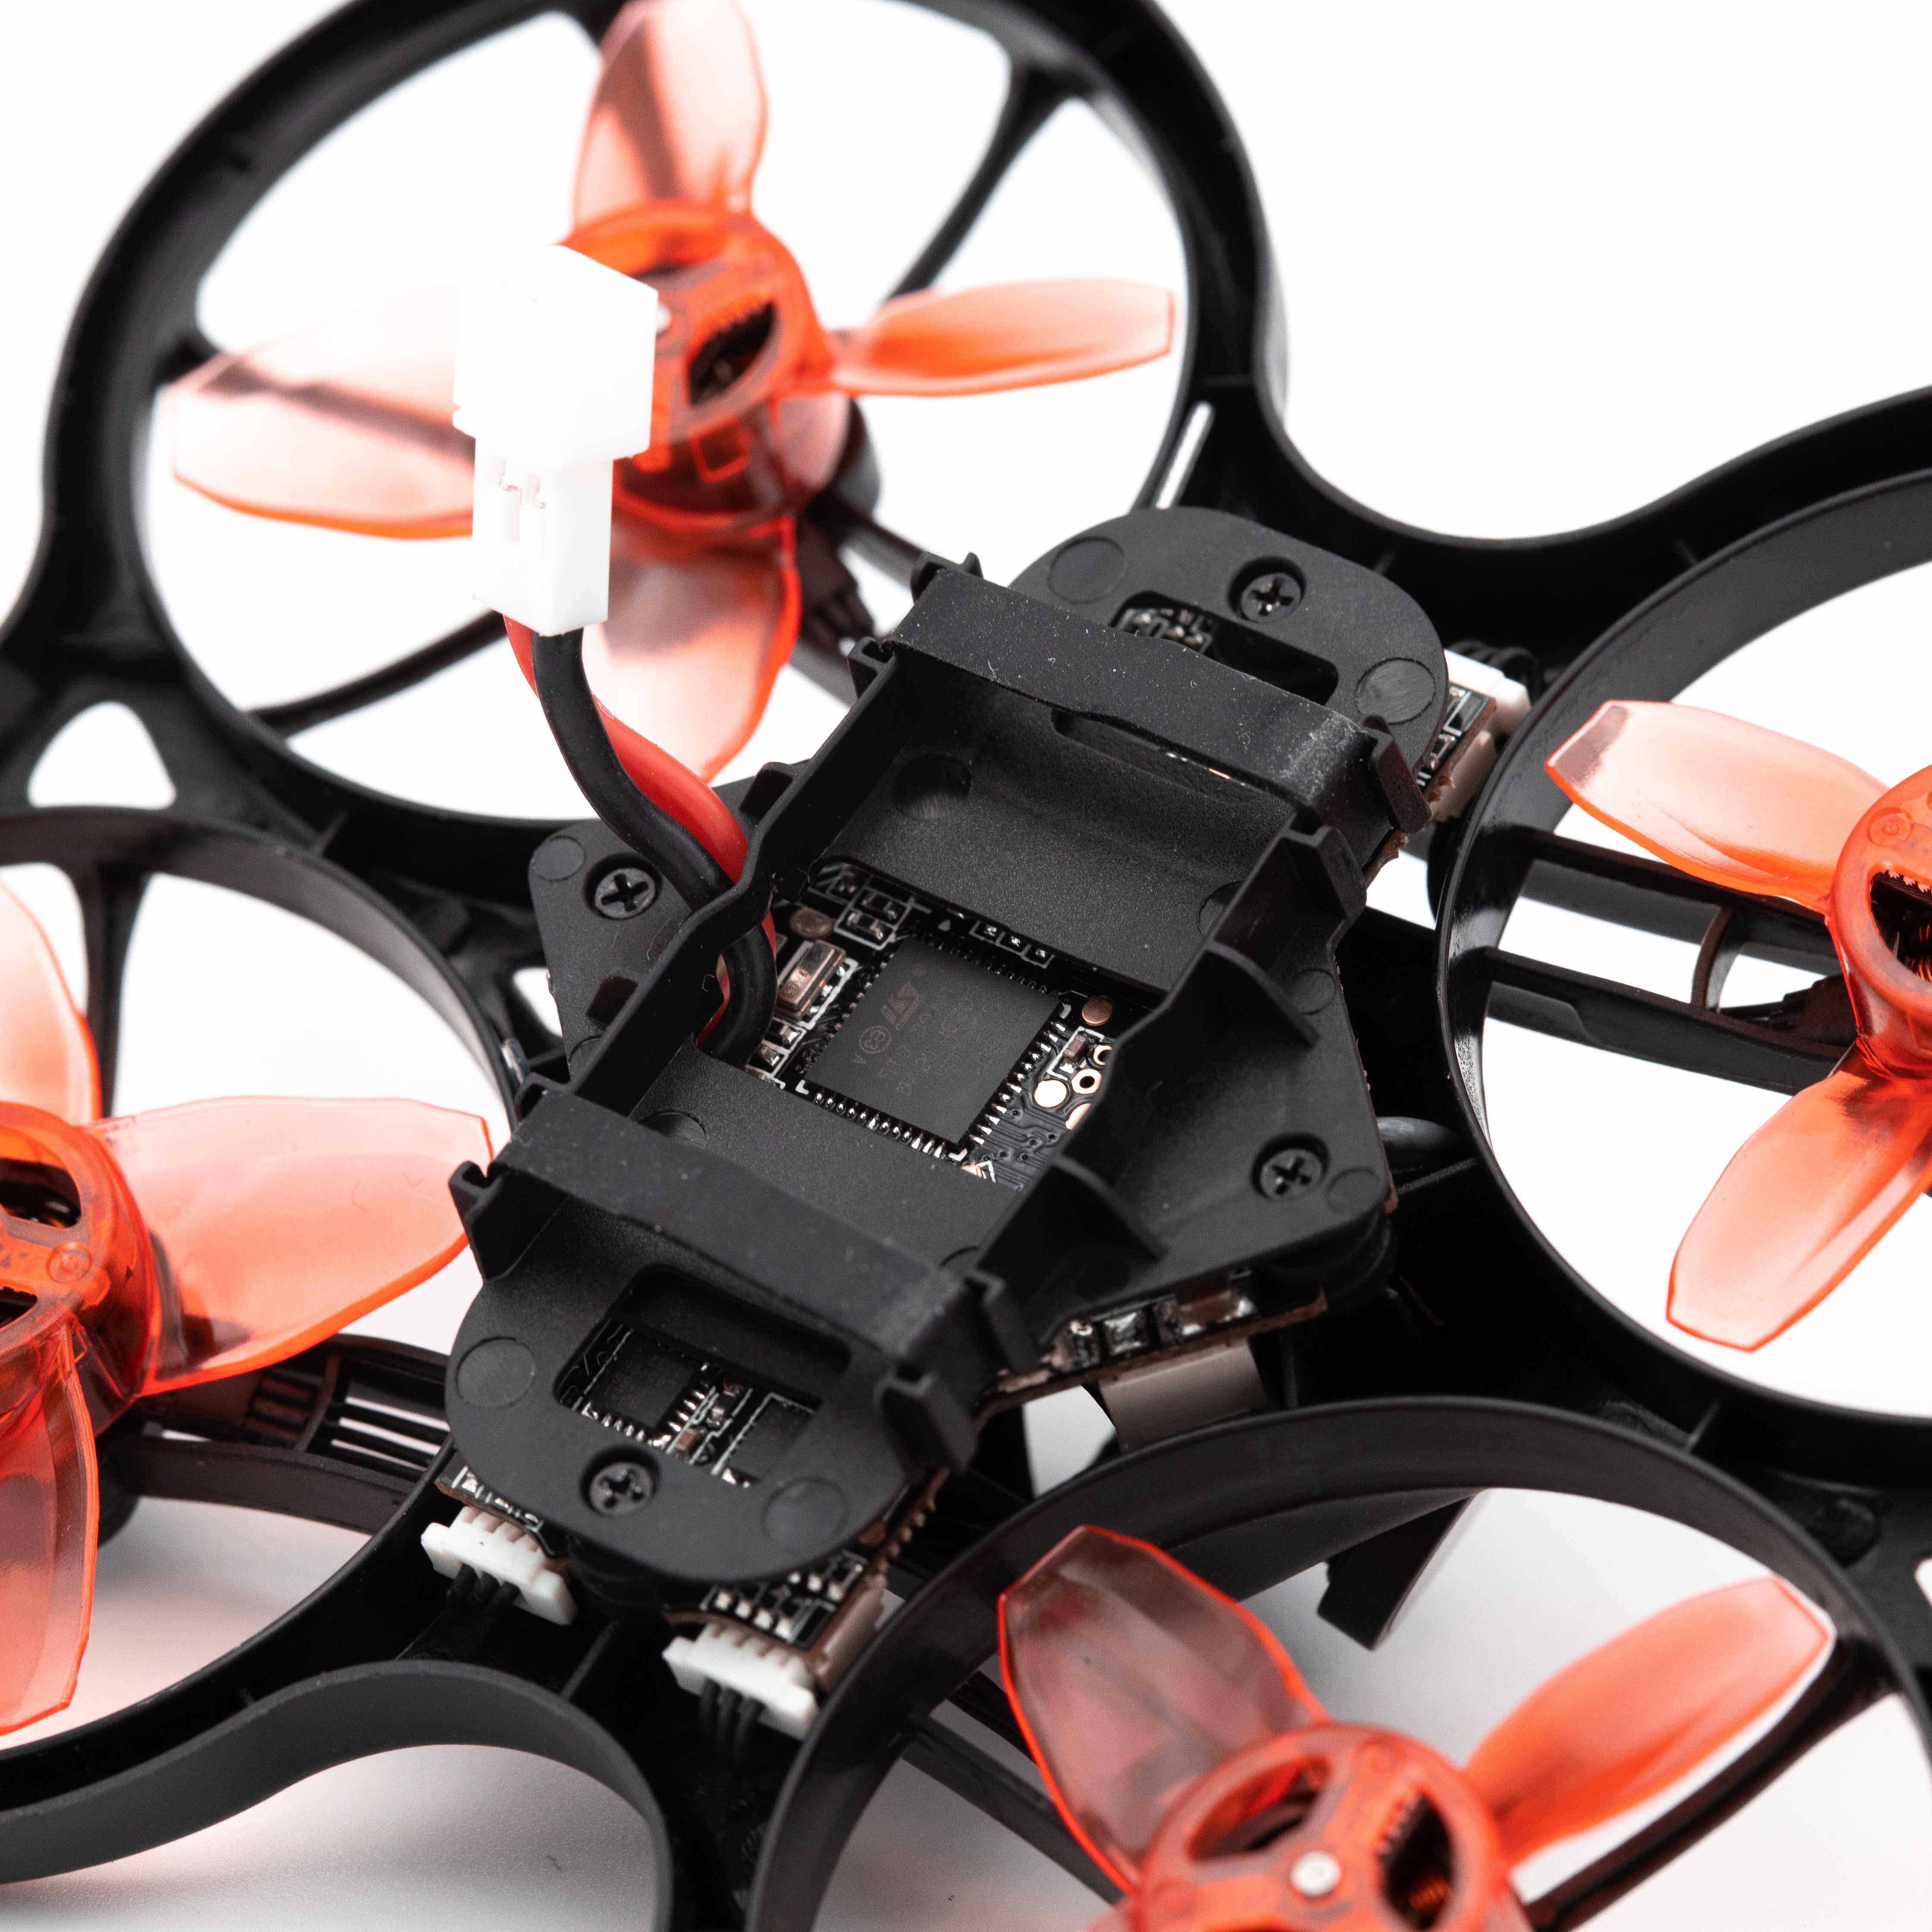 Emax 2S Tinyhawk S Mini FPV Racing Drone z kamerą 0802 15500KV bezszczotkowy silnik wsparcie 1/2S bateria 5.8G FPV okulary zdalnie sterowany samochód